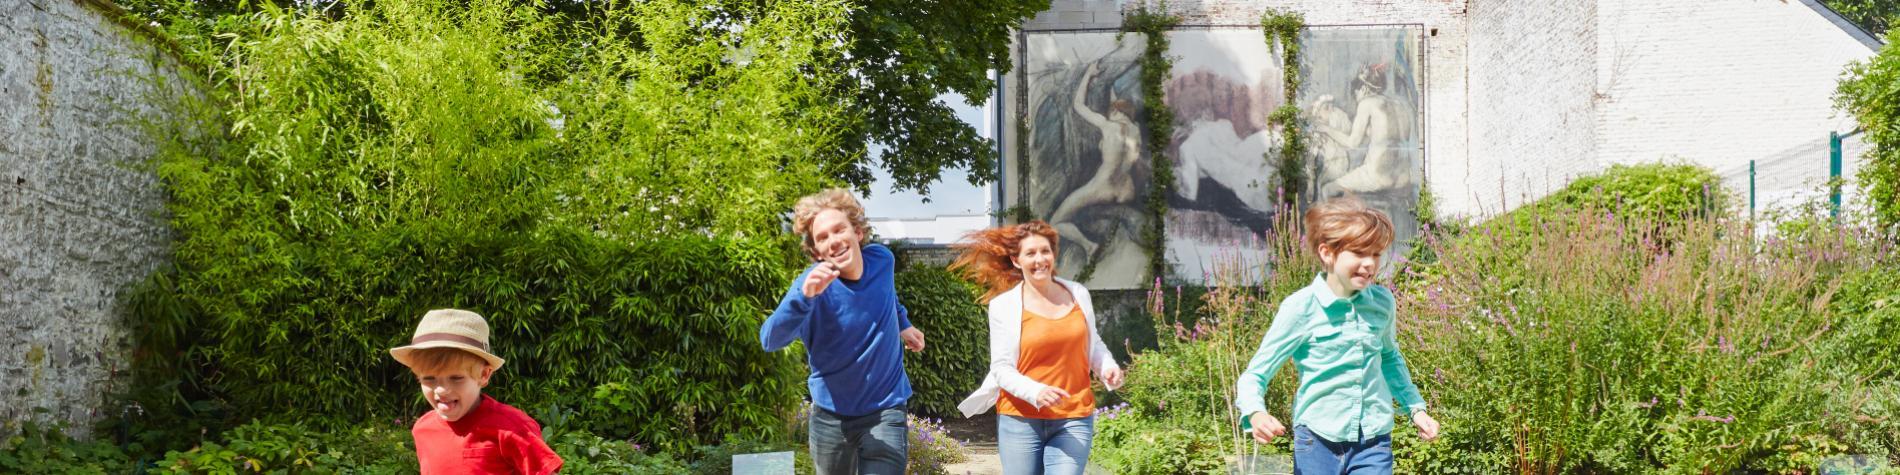 La Wallonie en famille. Une expérience à partager avec vos enfants au Musée Félicien Rops à Namur